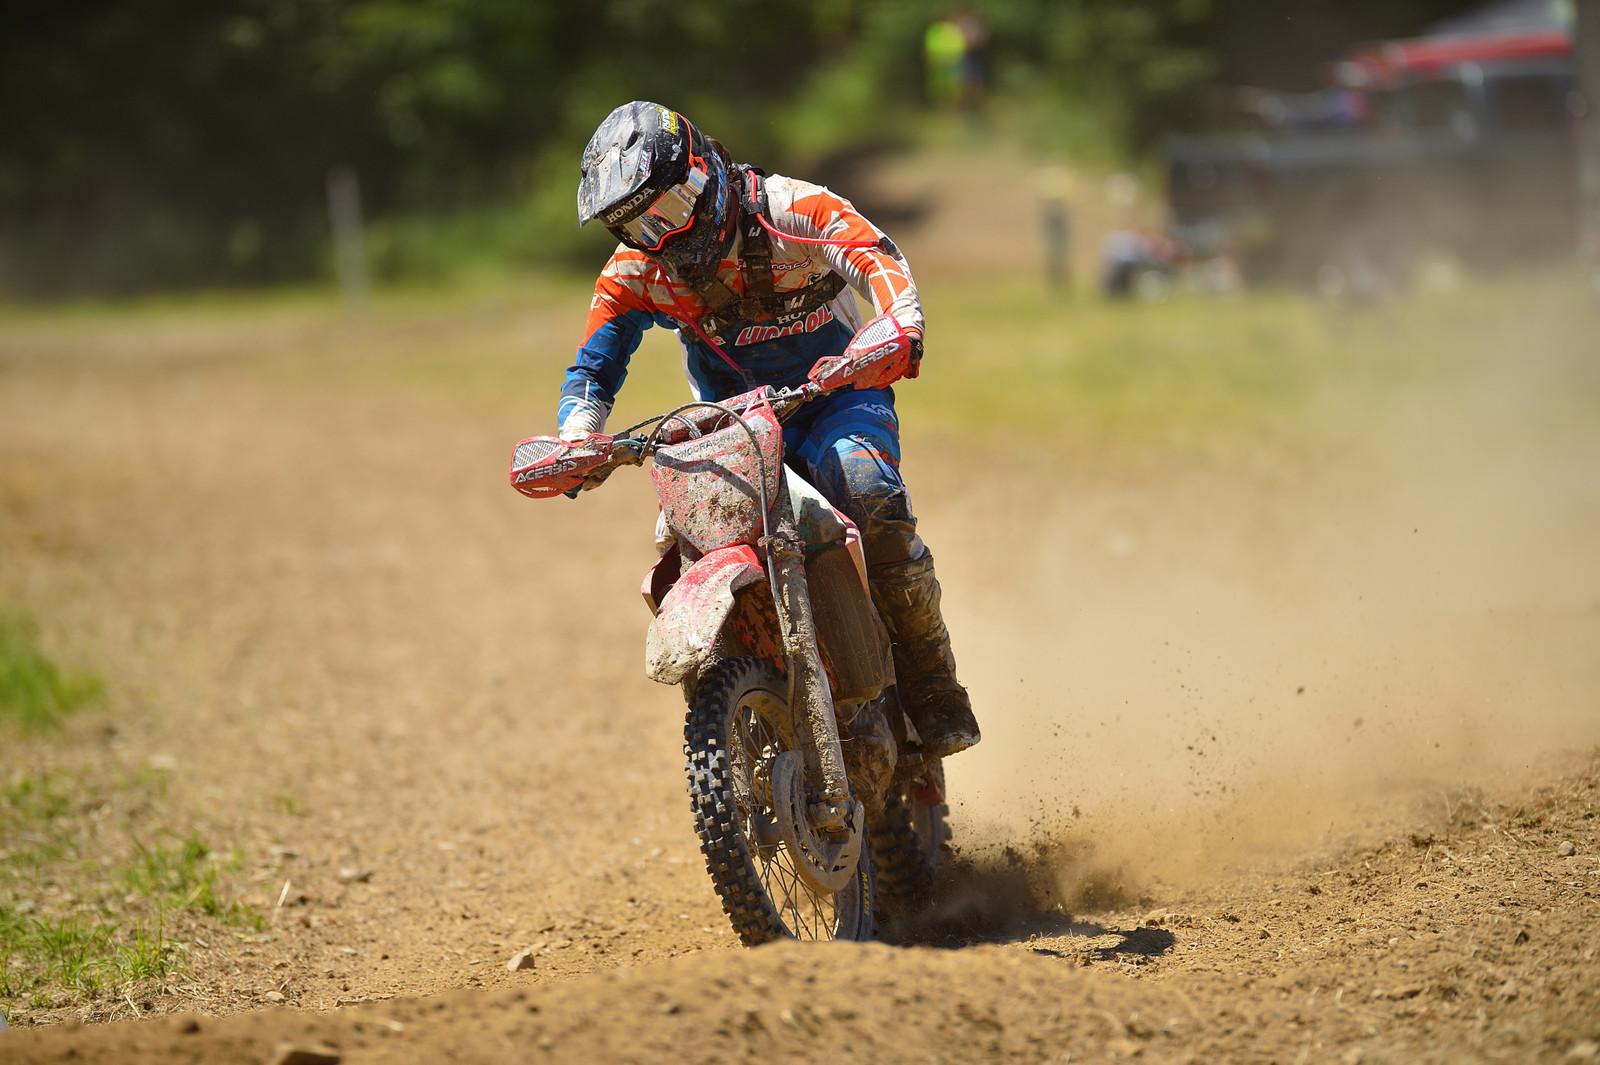 Trevor Bollinger - Tomahawk GNCC - Motocross Pictures - Vital MX